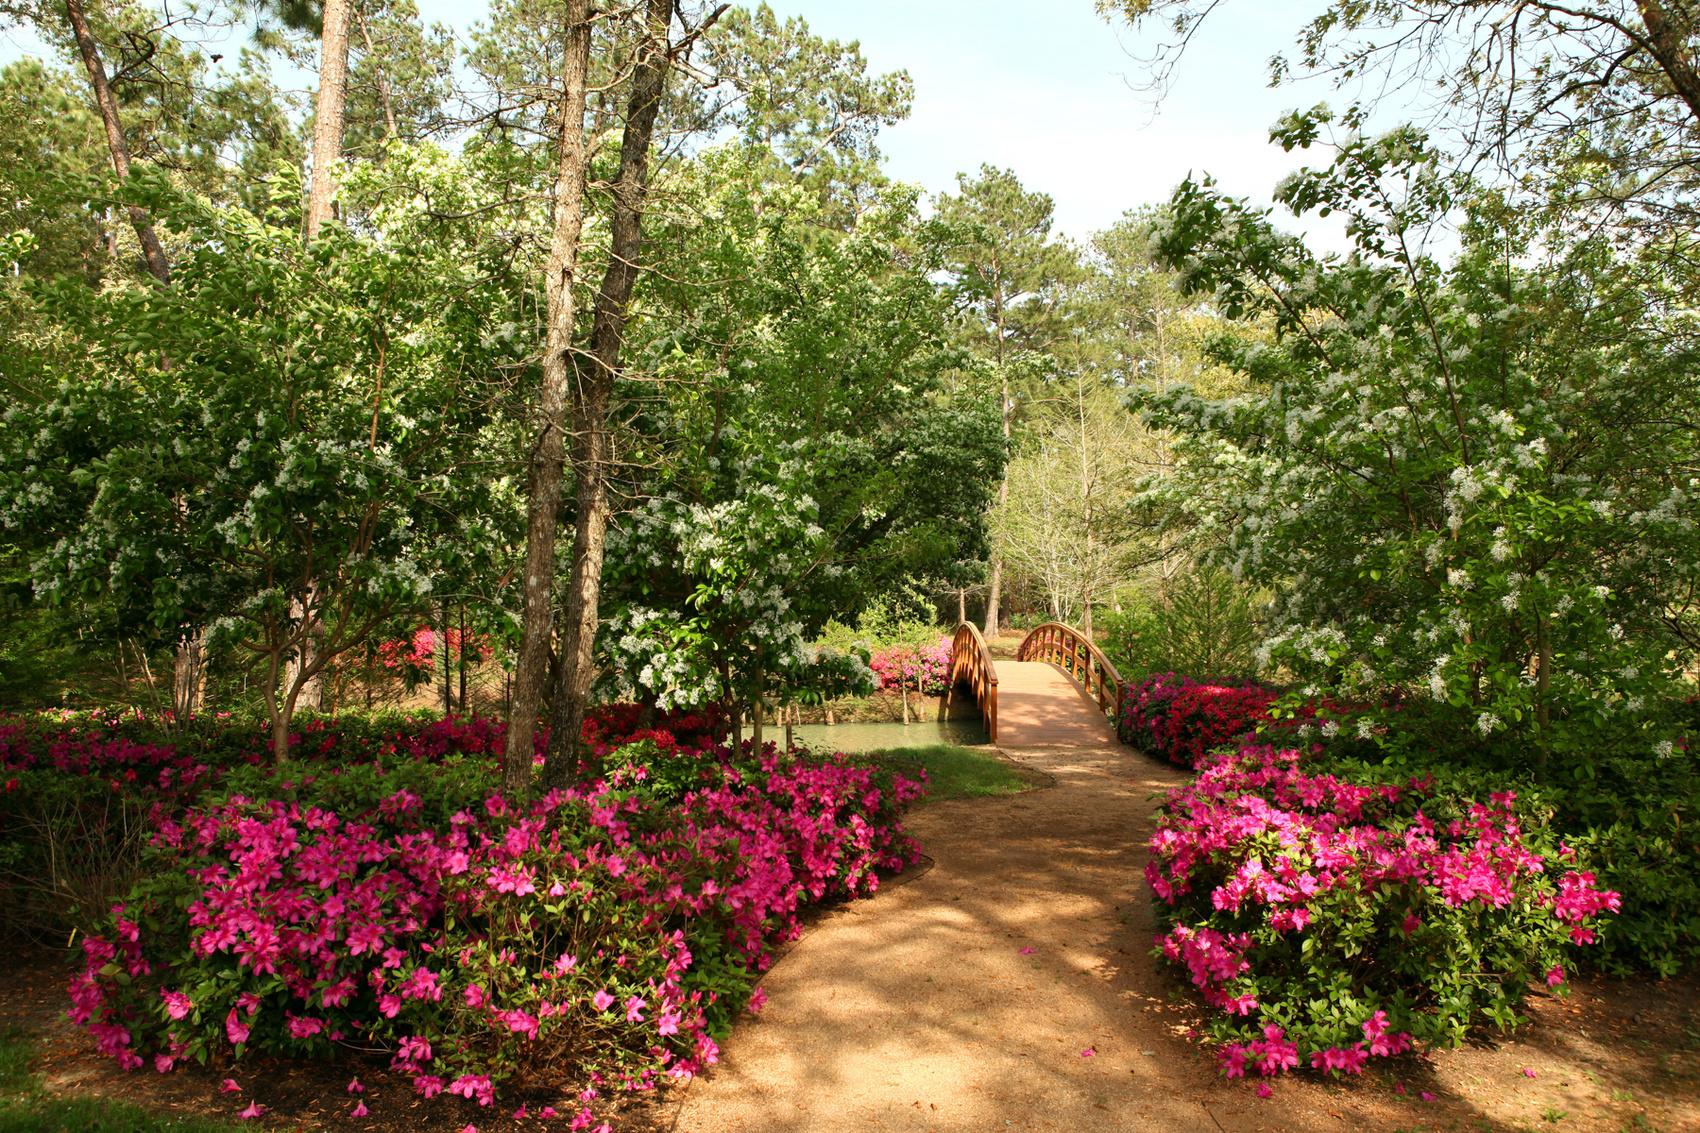 aménager son jardin udée de jardin style japonais plusieurs fleurs couleur fuschia petit pont et plusieurs arbres verts